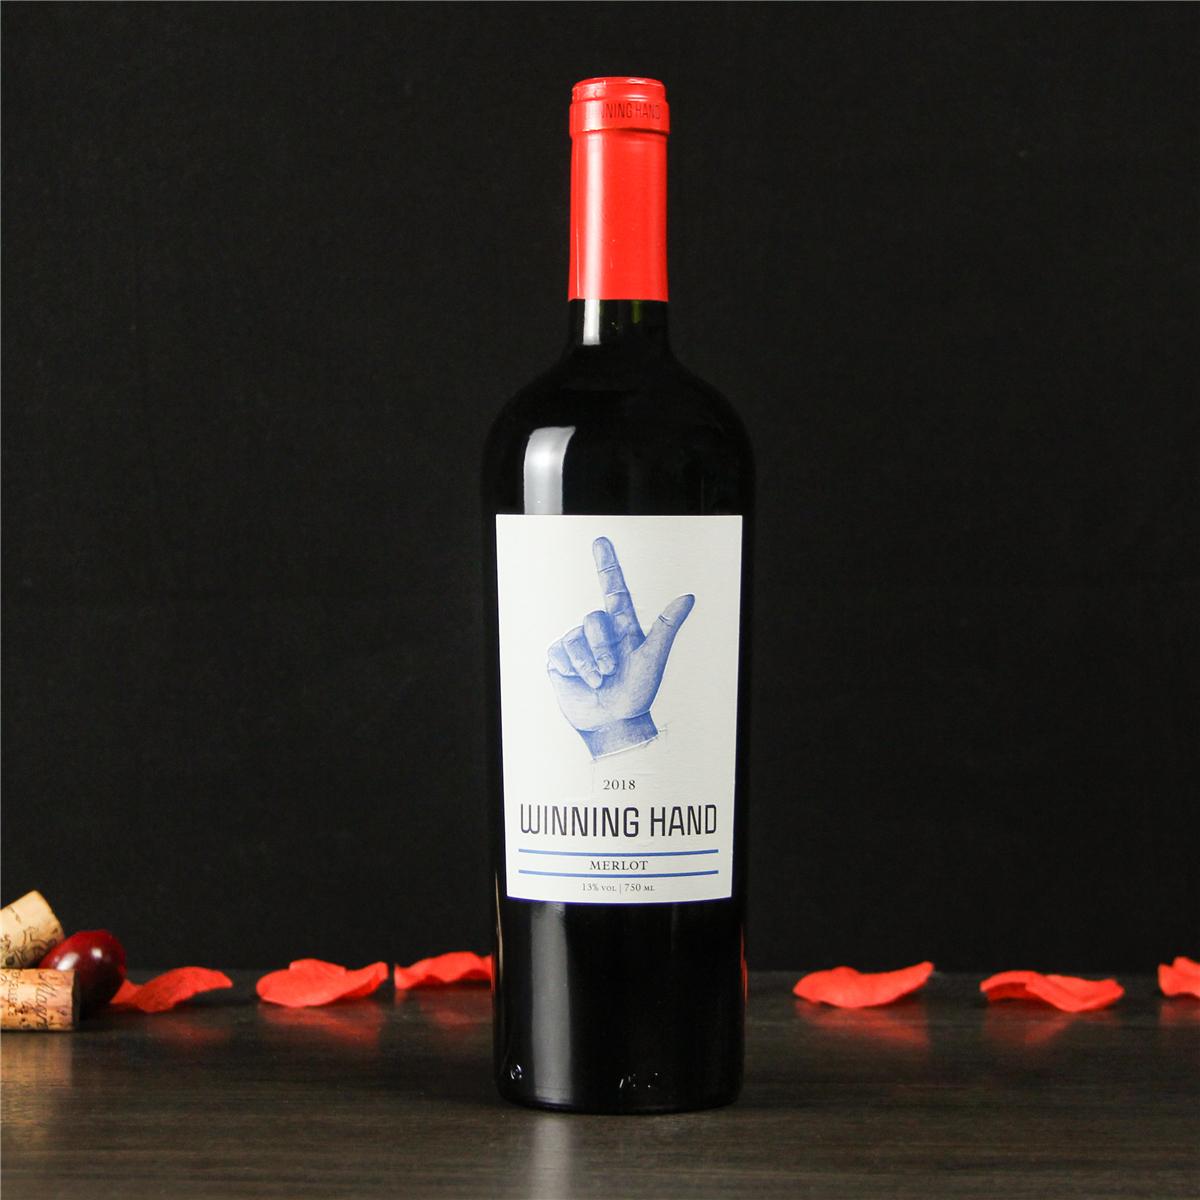 智利库里科谷凯旋之手精选梅洛干红葡萄酒红酒